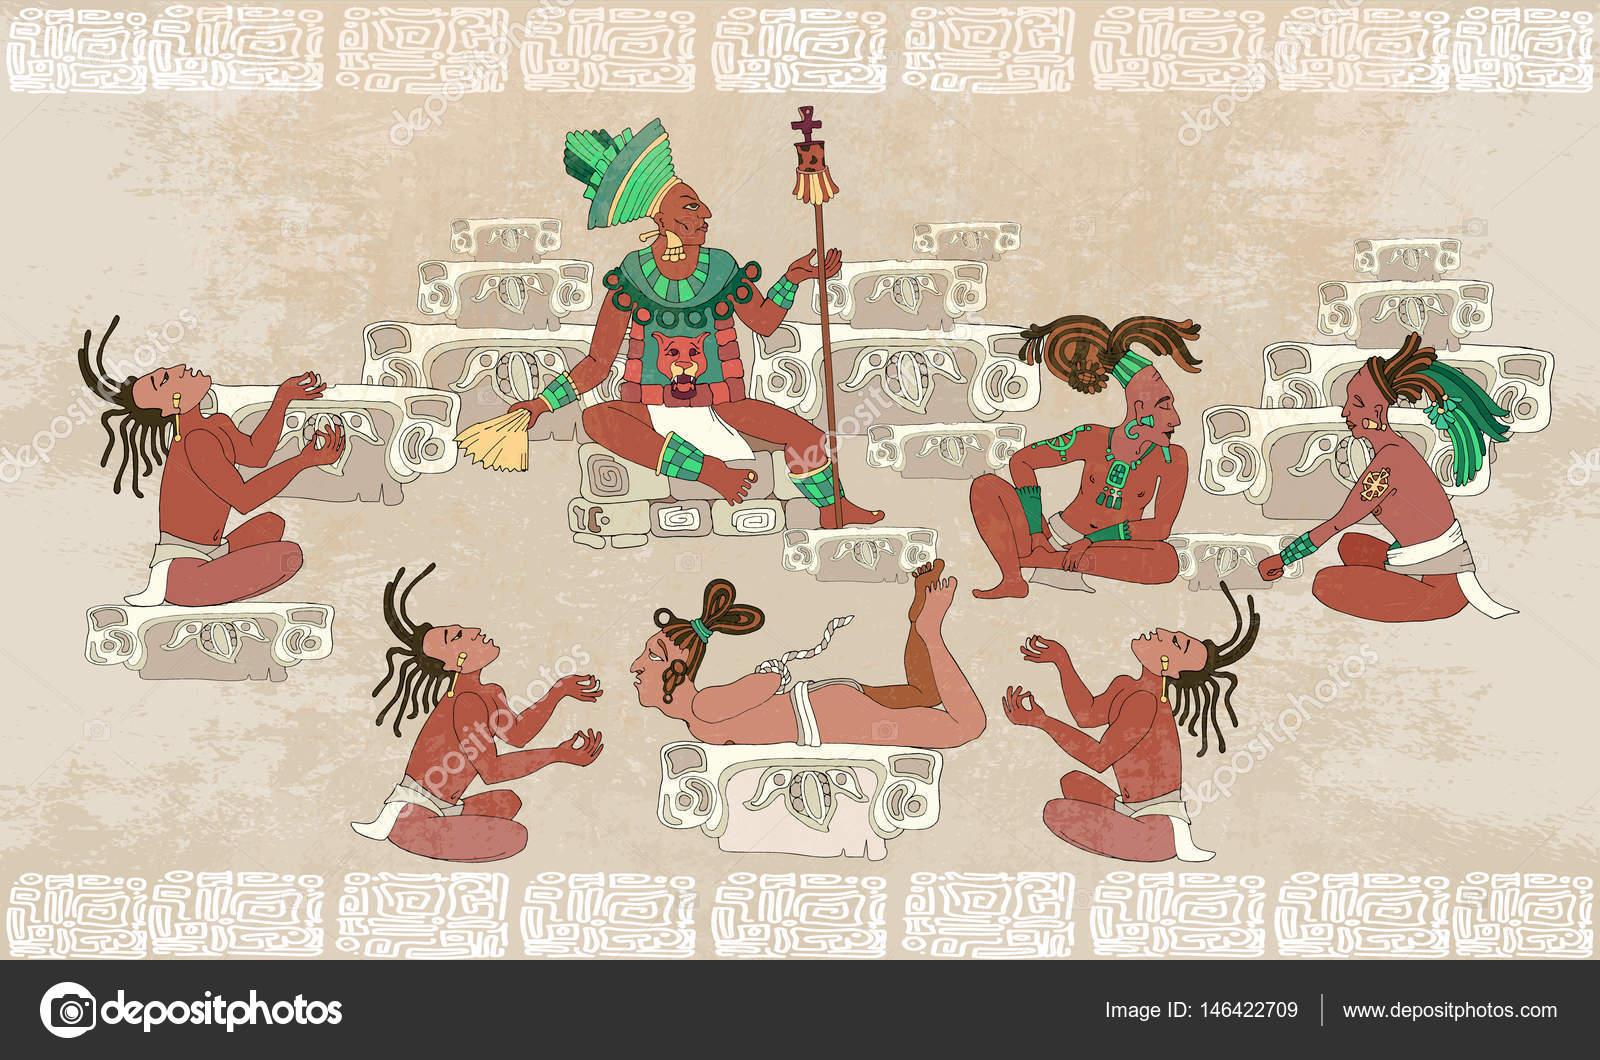 Imagenes Mayas Y Aztecas Antiguos Mayas Aztecas Incas Frescos